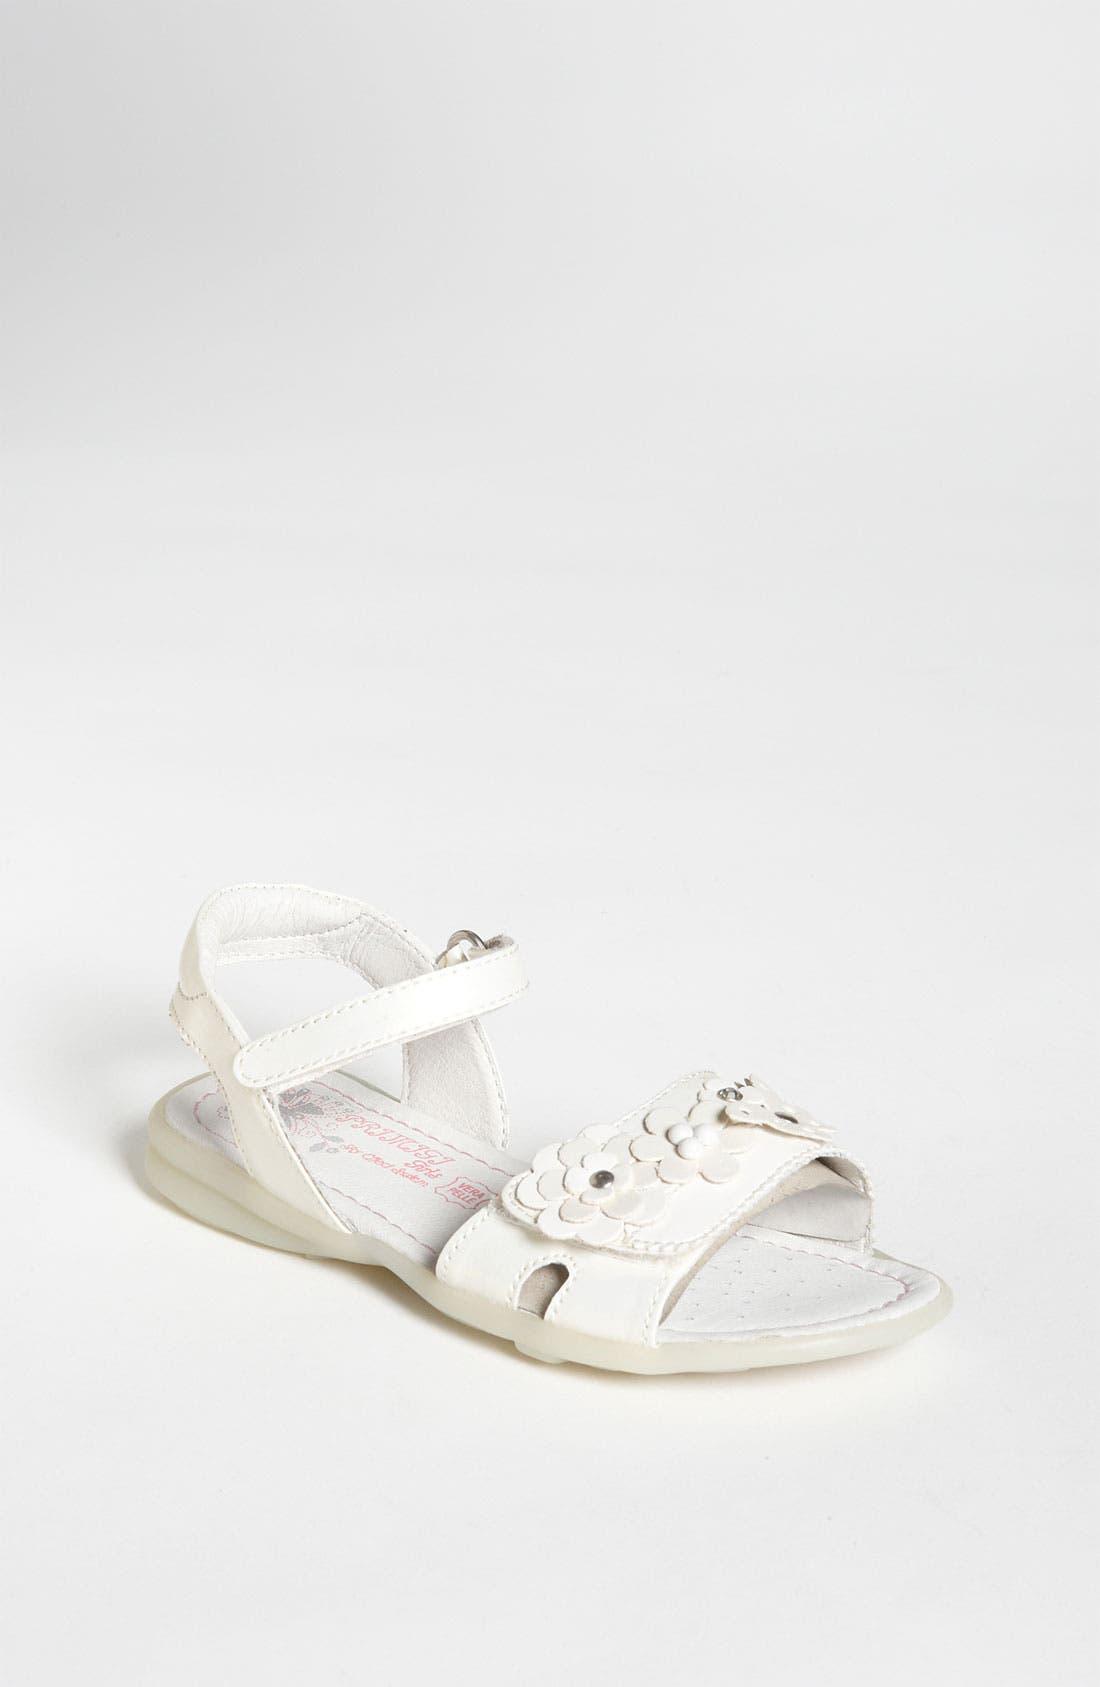 Alternate Image 1 Selected - Primigi 'Delsie' Sandal (Toddler)